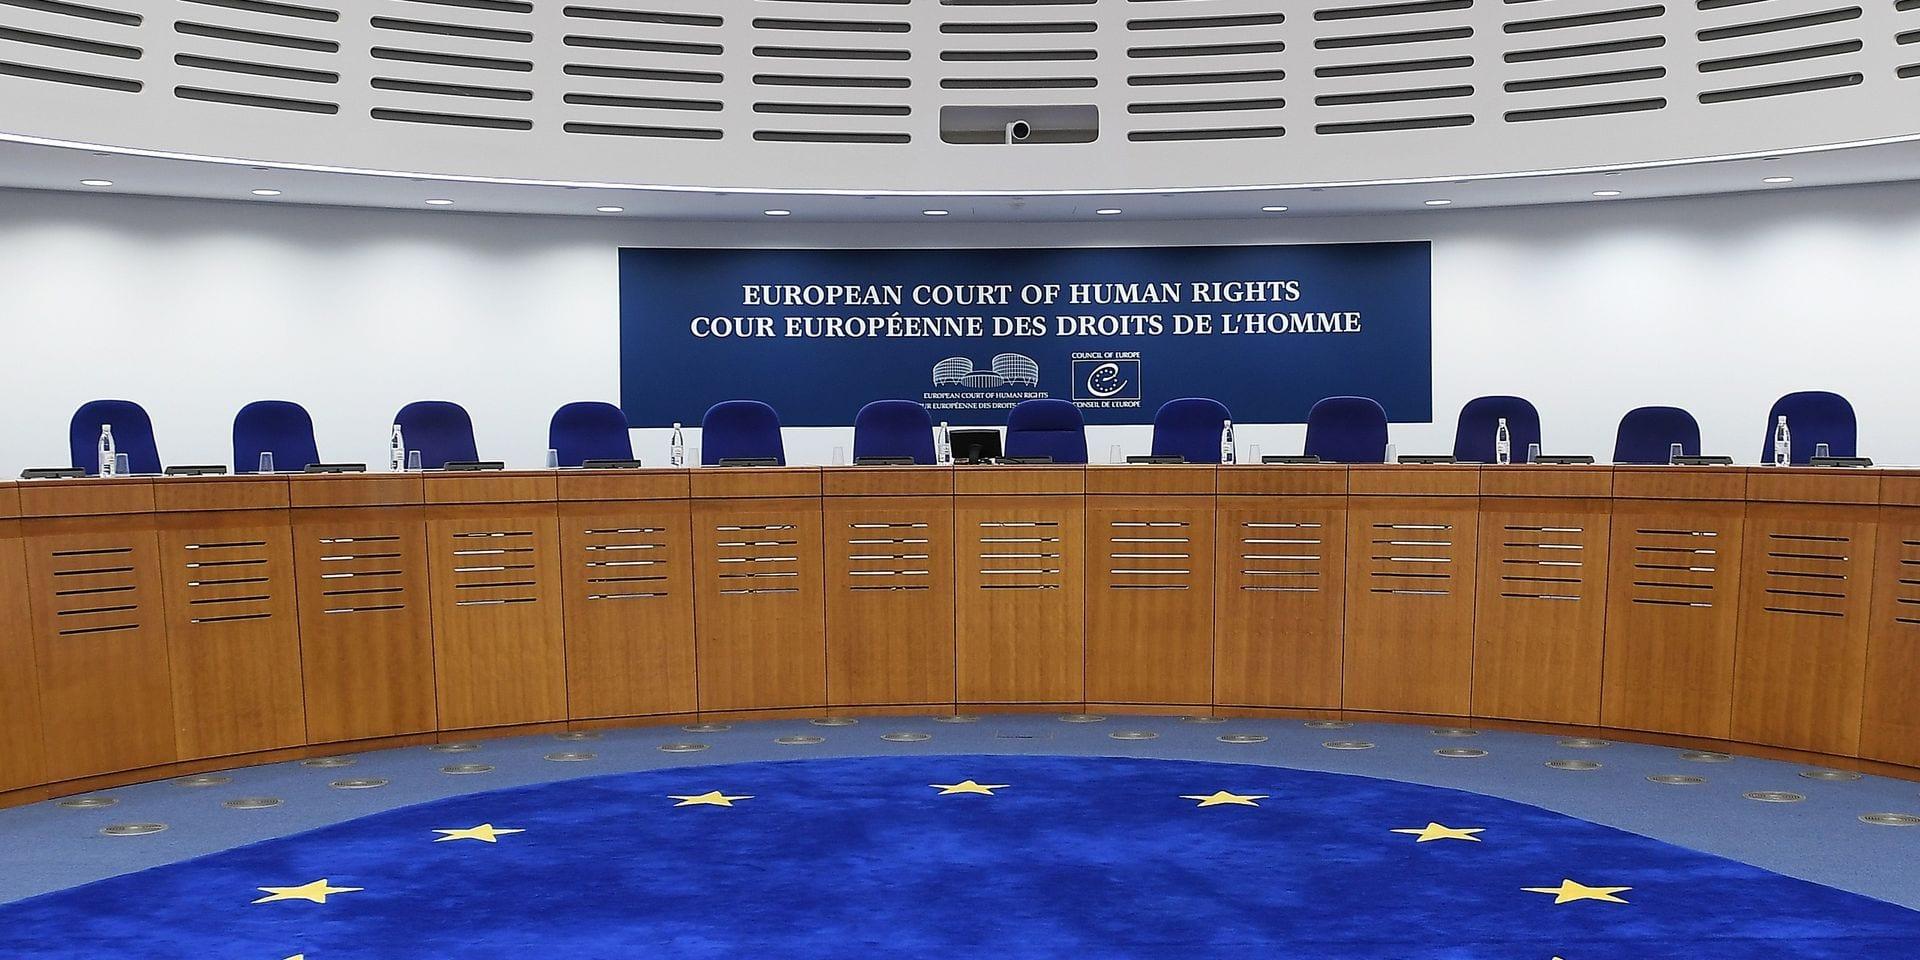 La nomination du prochain juge belge à la Cour européenne des droits de l'homme fait débat: le jury influencé par des considérations politiques?